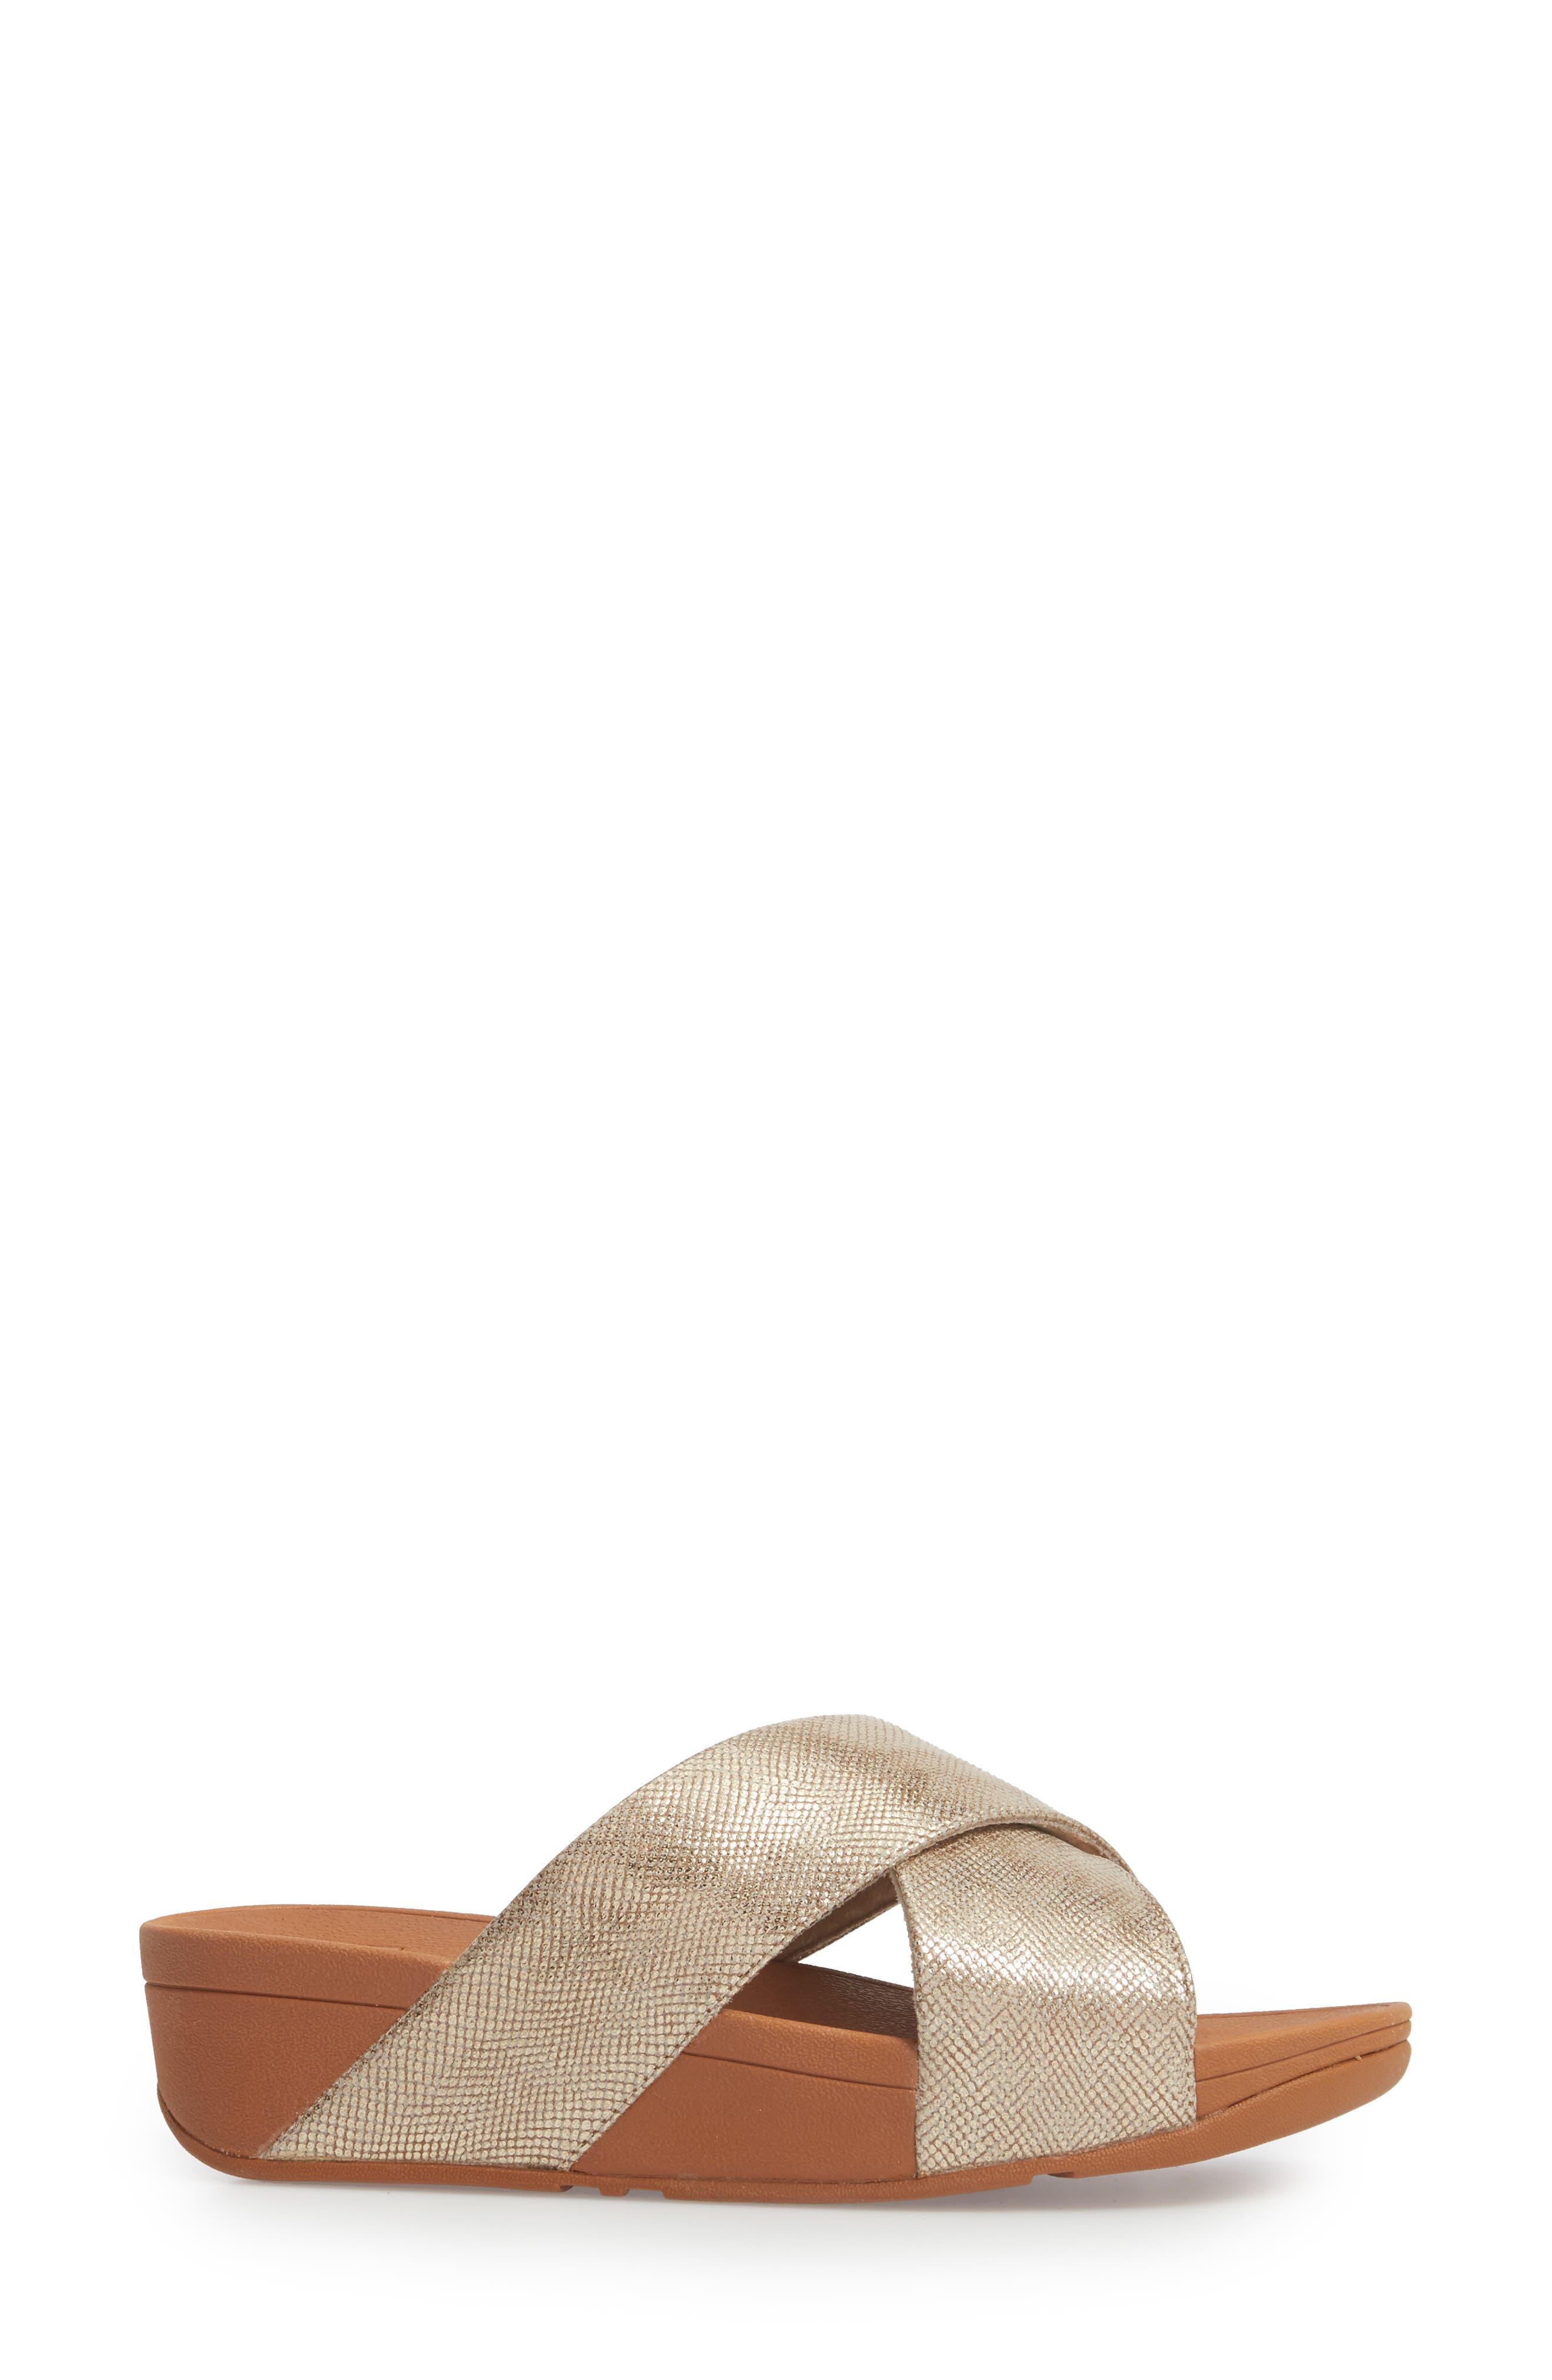 Lulu Cross Slide Sandal,                             Alternate thumbnail 3, color,                             Gold Shimmer Print